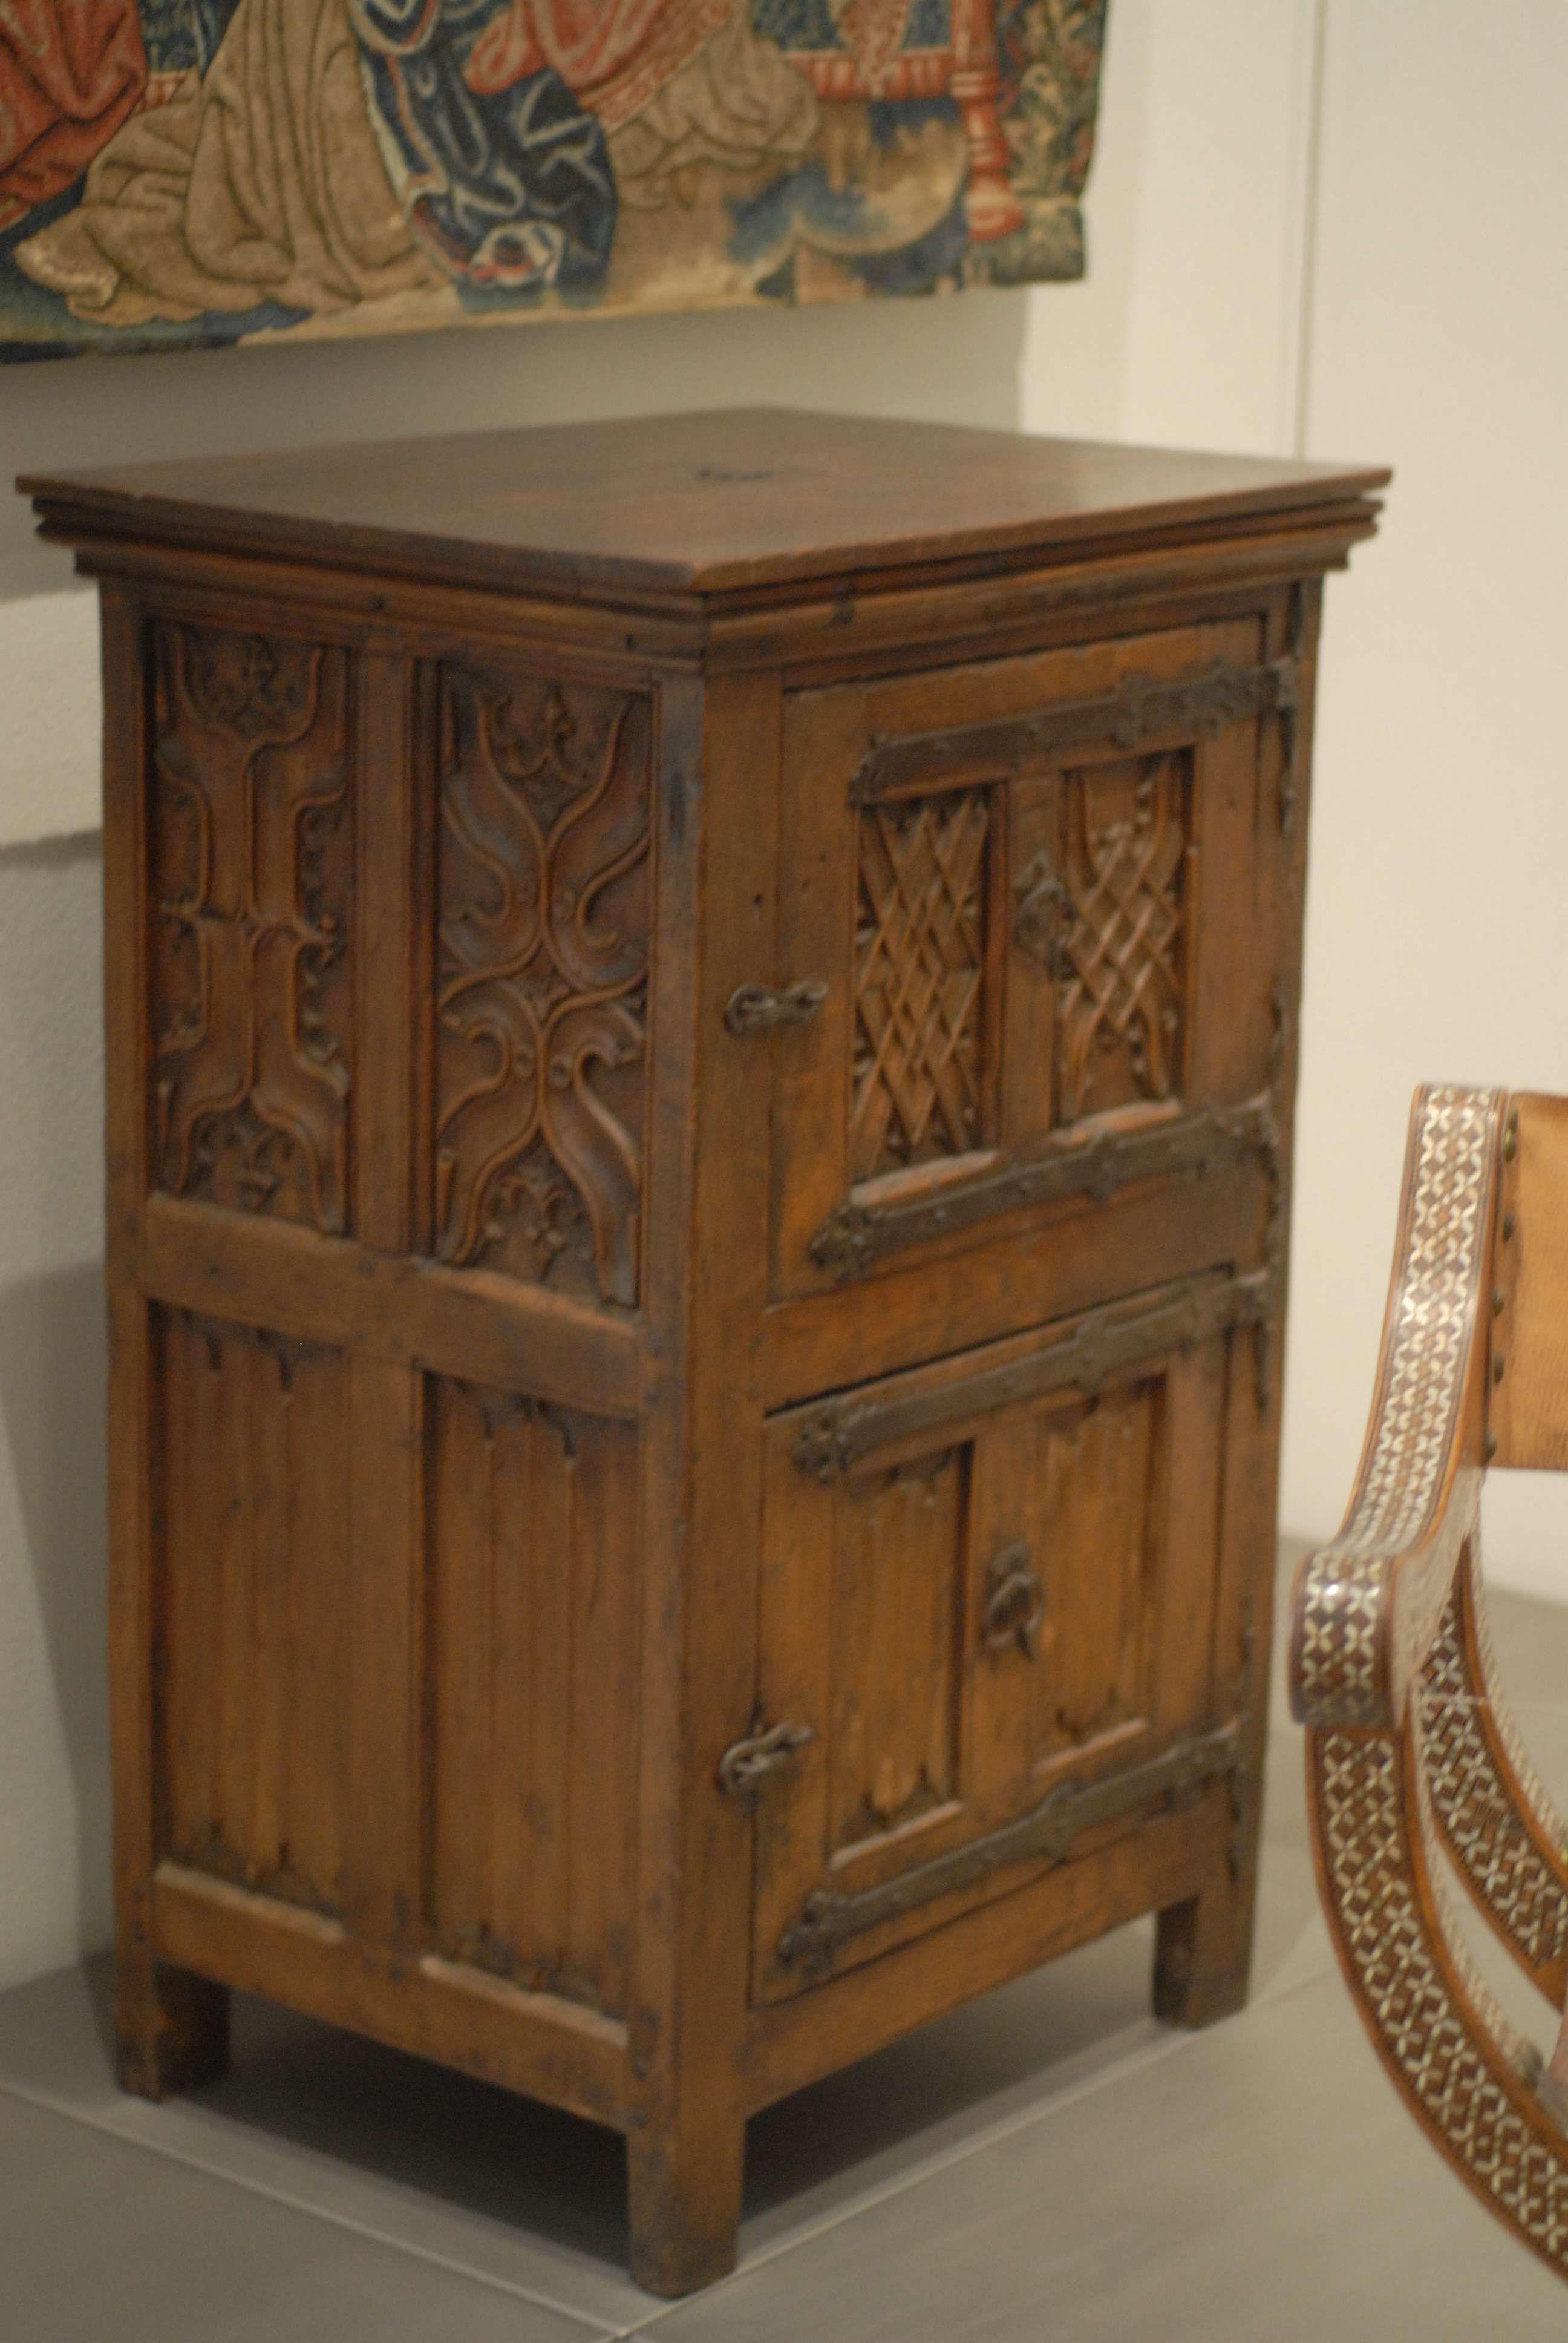 schrank museum f r angewandte kunst k ln m bel. Black Bedroom Furniture Sets. Home Design Ideas